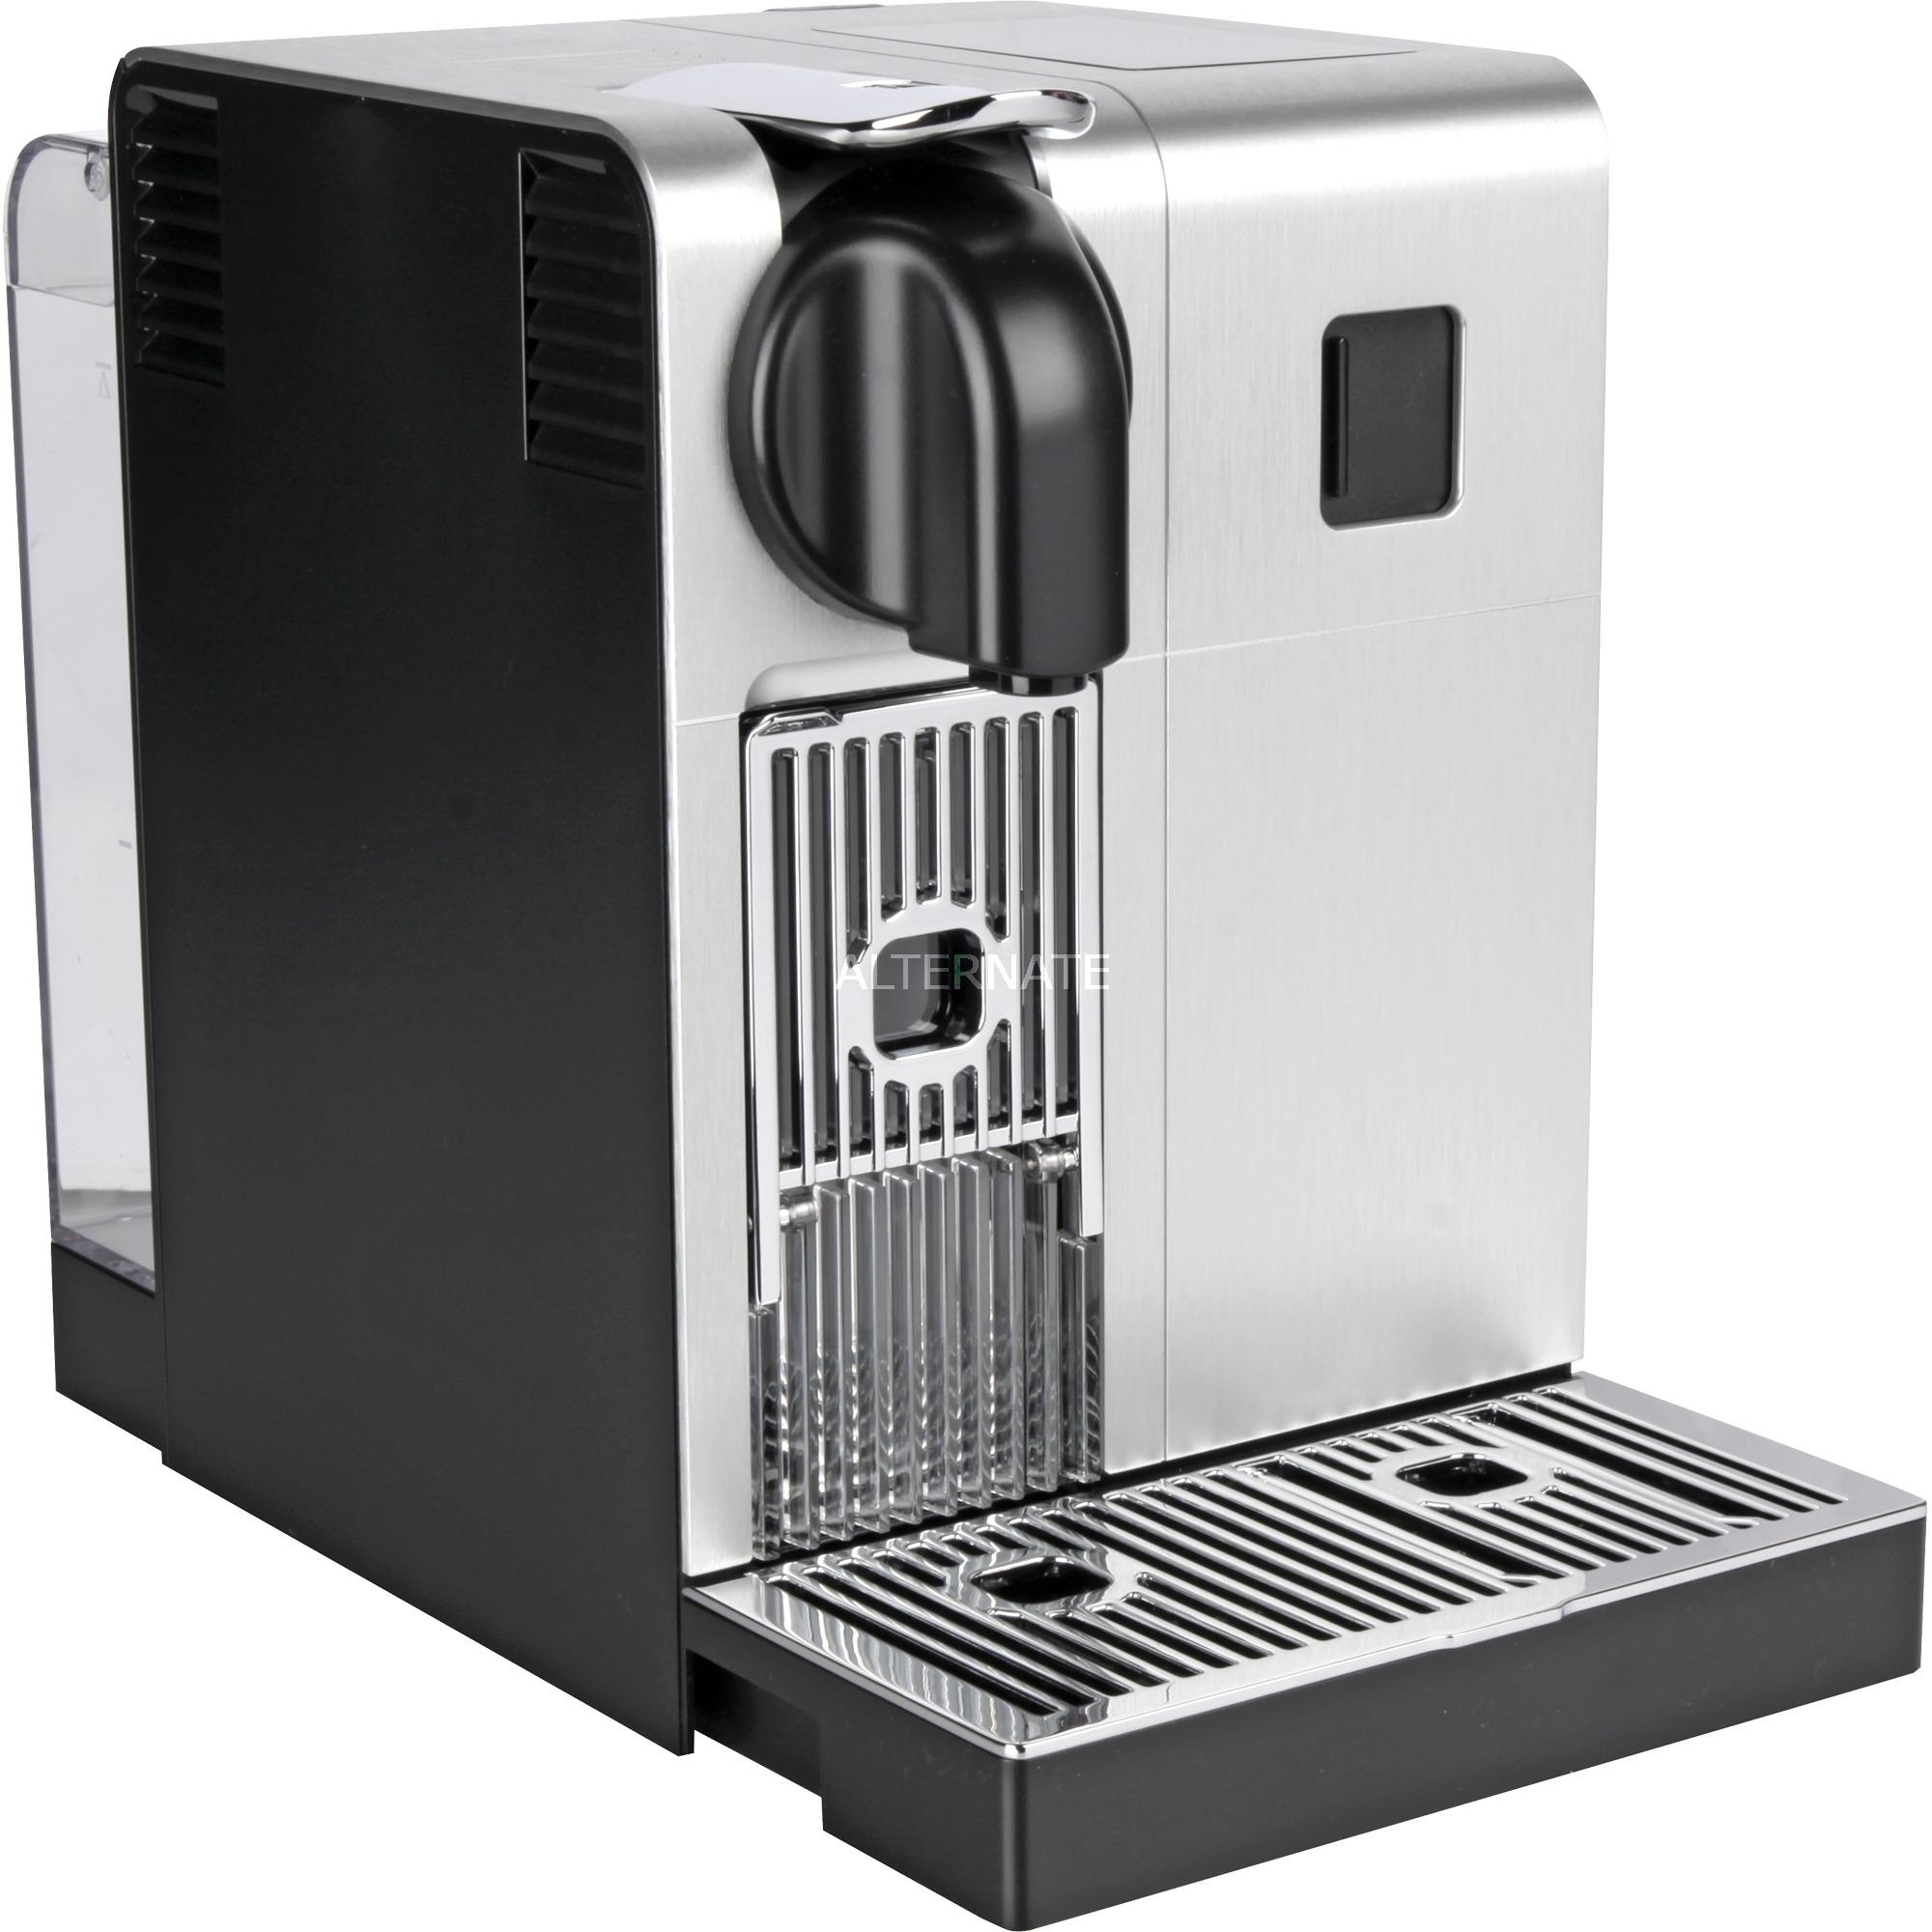 Lattissima Pro EN 750.MB Independiente Totalmente automática Máquina de café en cápsulas 1.3L Aluminio, Negro, Cafetera de cápsulas